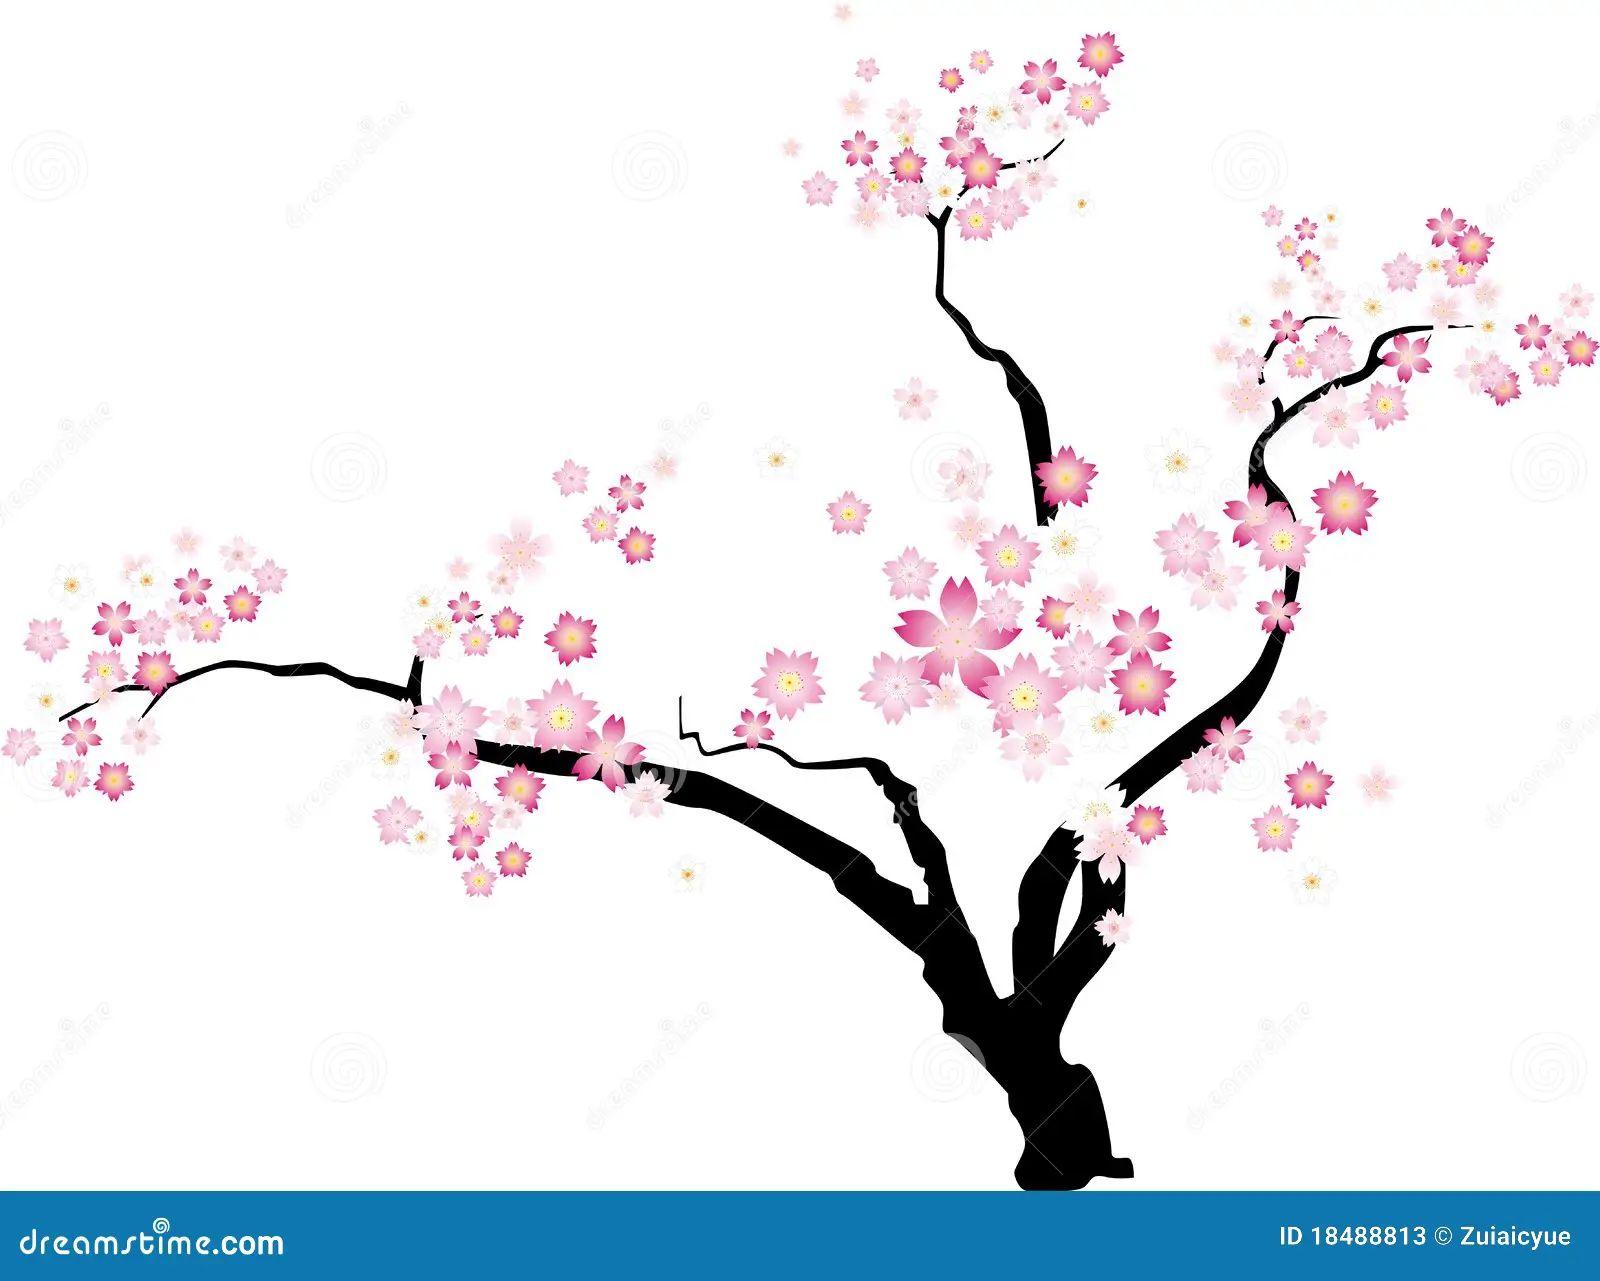 cherry blossom tree outline